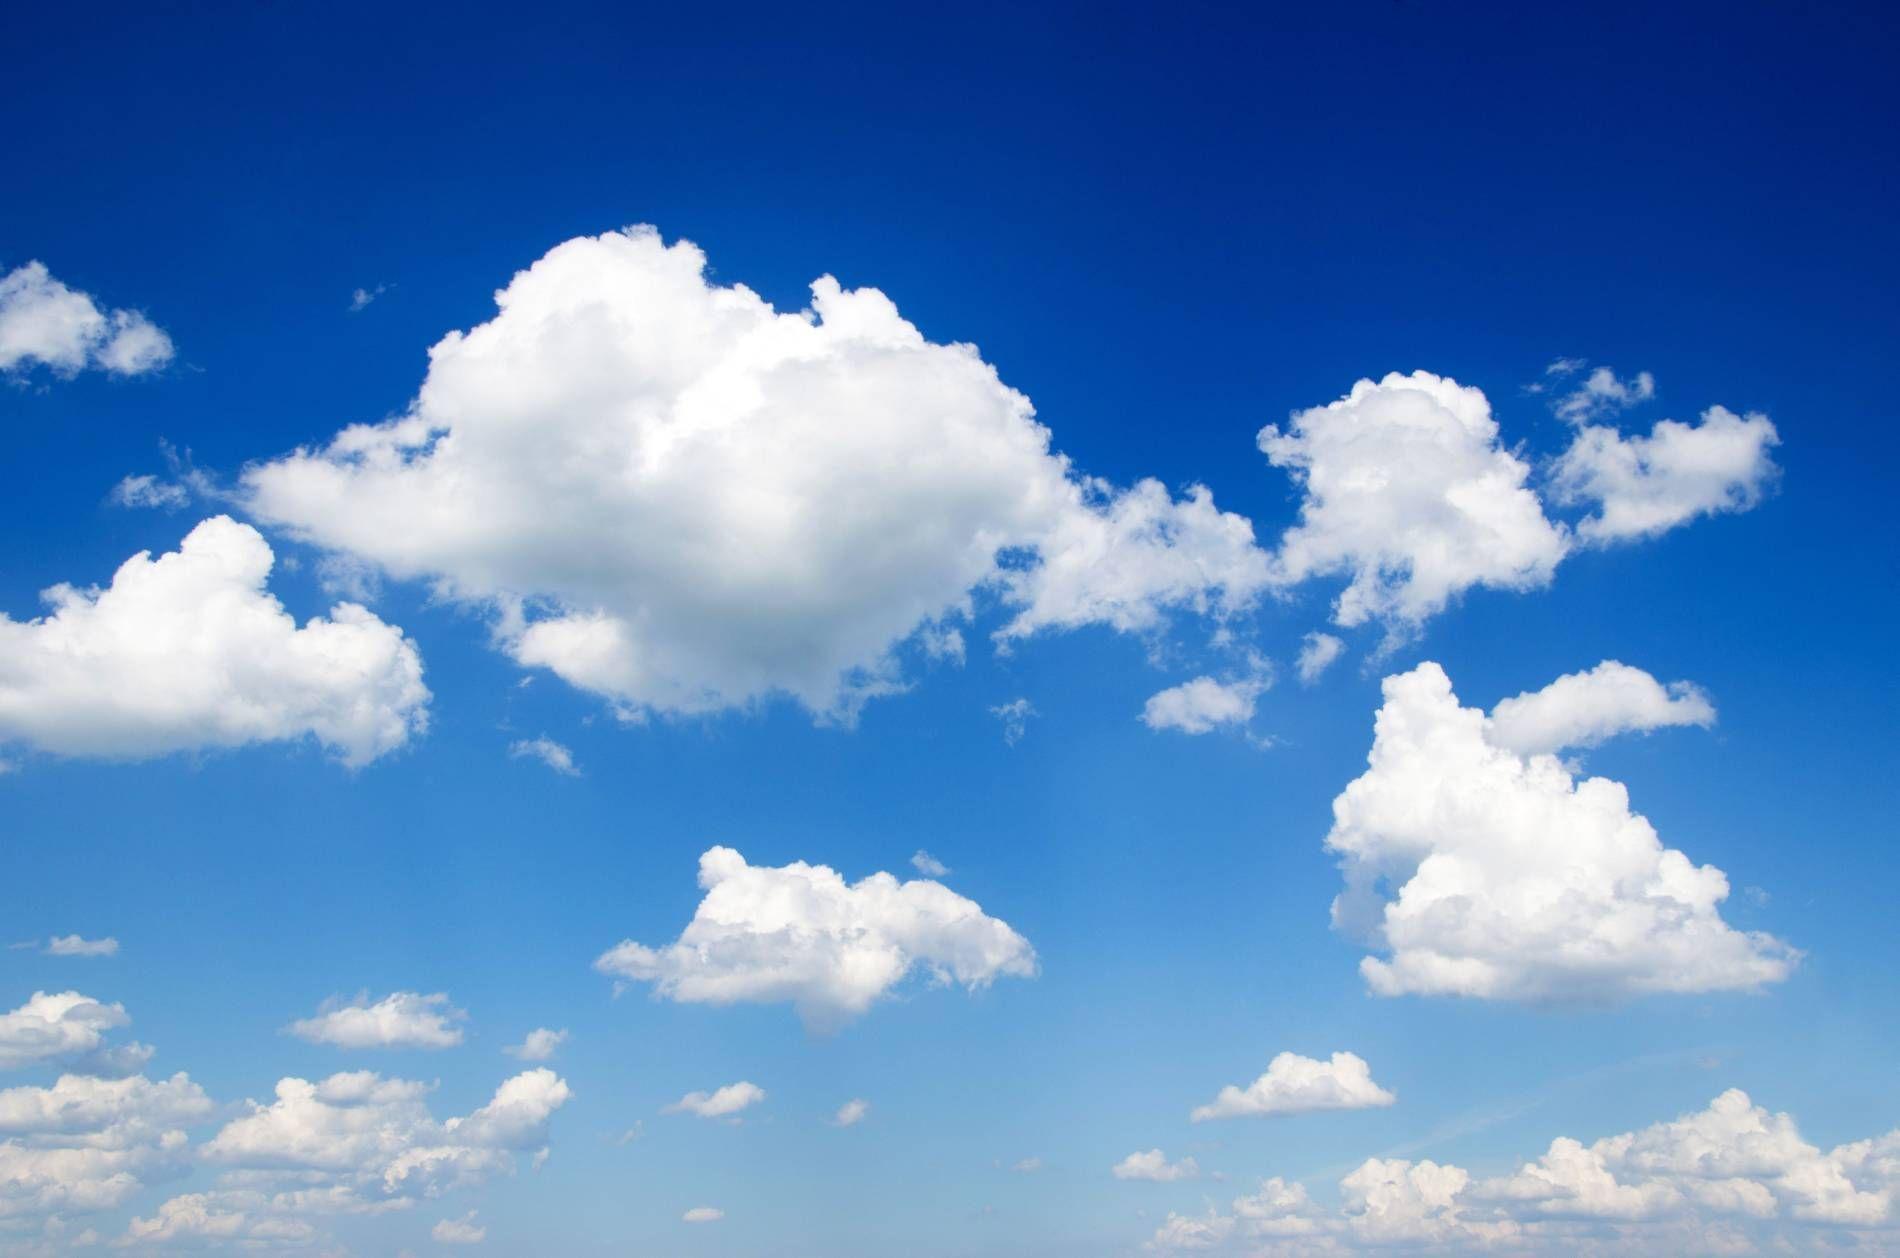 fin de semana  nubes aisladas incrementos nubosos ocasionales  escasas precipitaciones